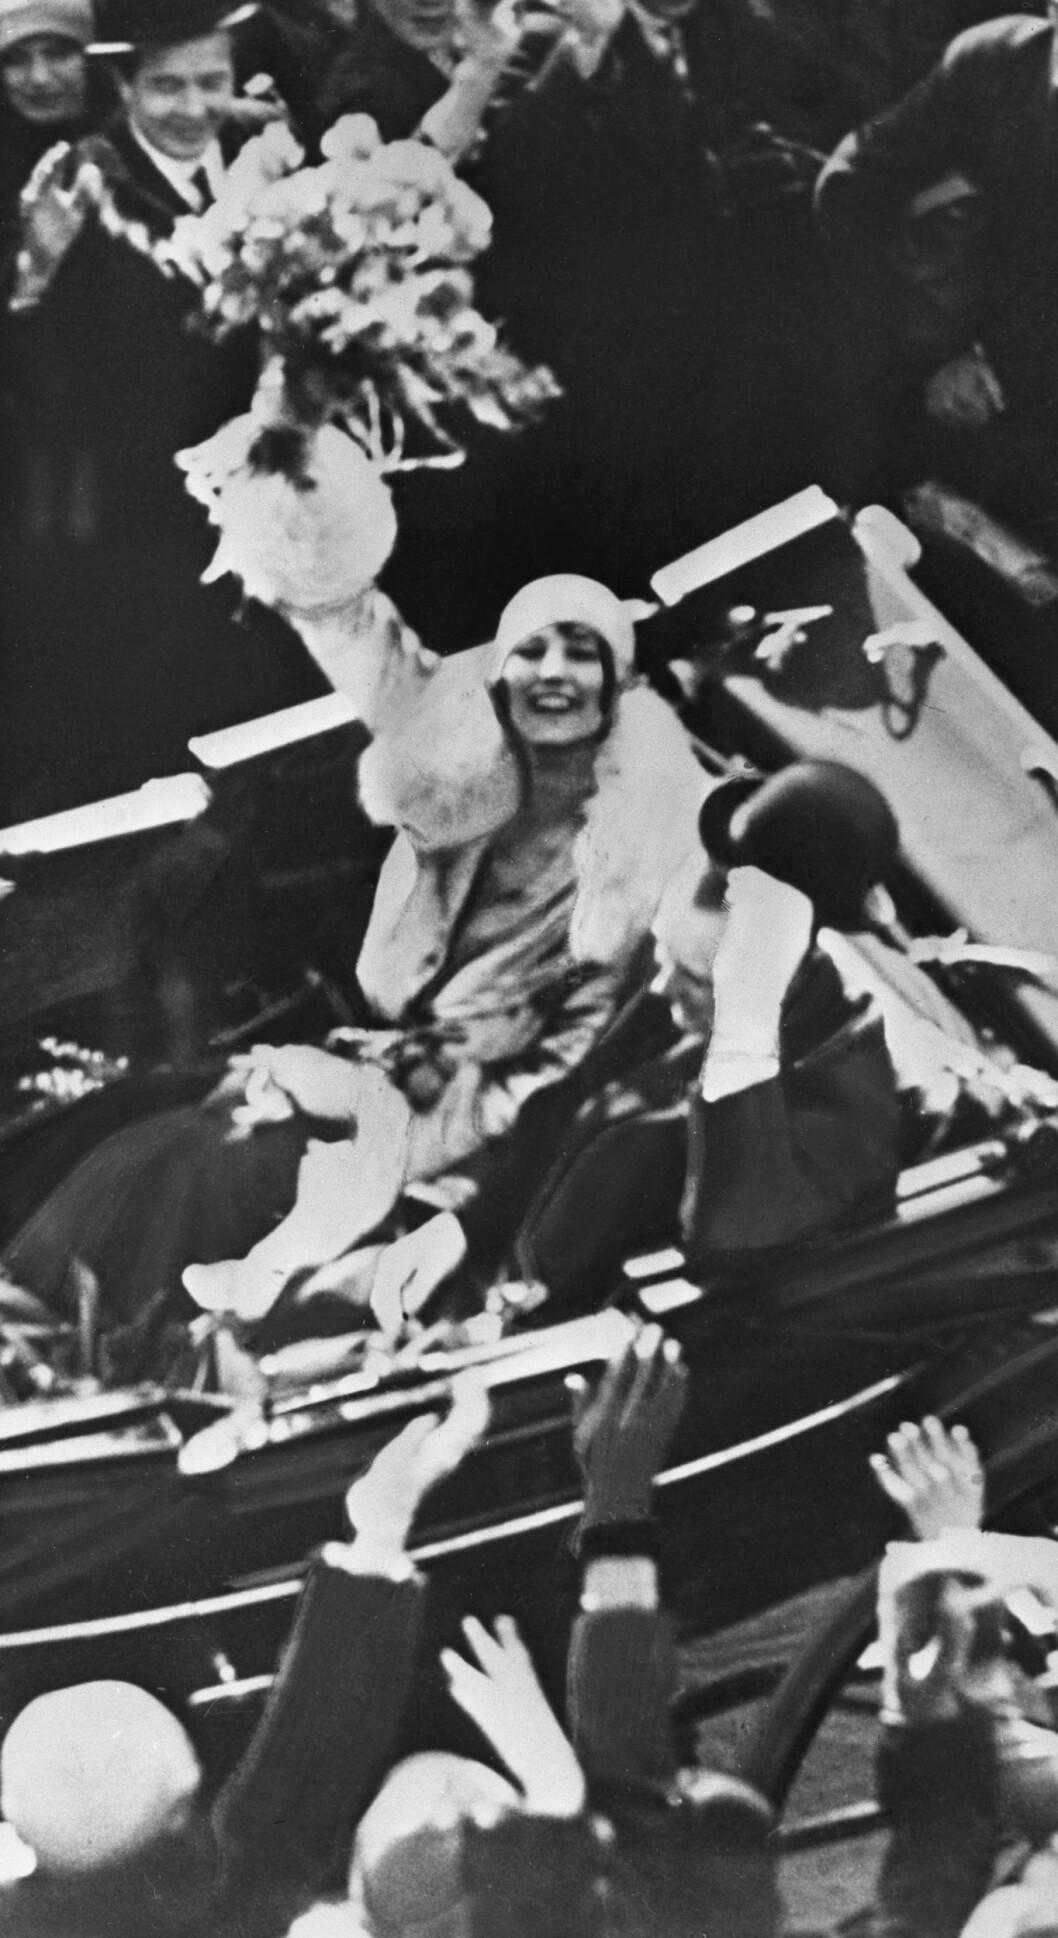 LYKKE: Prinsesse Märtha og kronprins Olav i åpen vogn på rundtur gjennom hovedstaden før sitt bryllup. Her vinker en tydelig lykkelig prinsesse Märtha med blomsterbukett i hånden.  Foto: NTB Scanpix